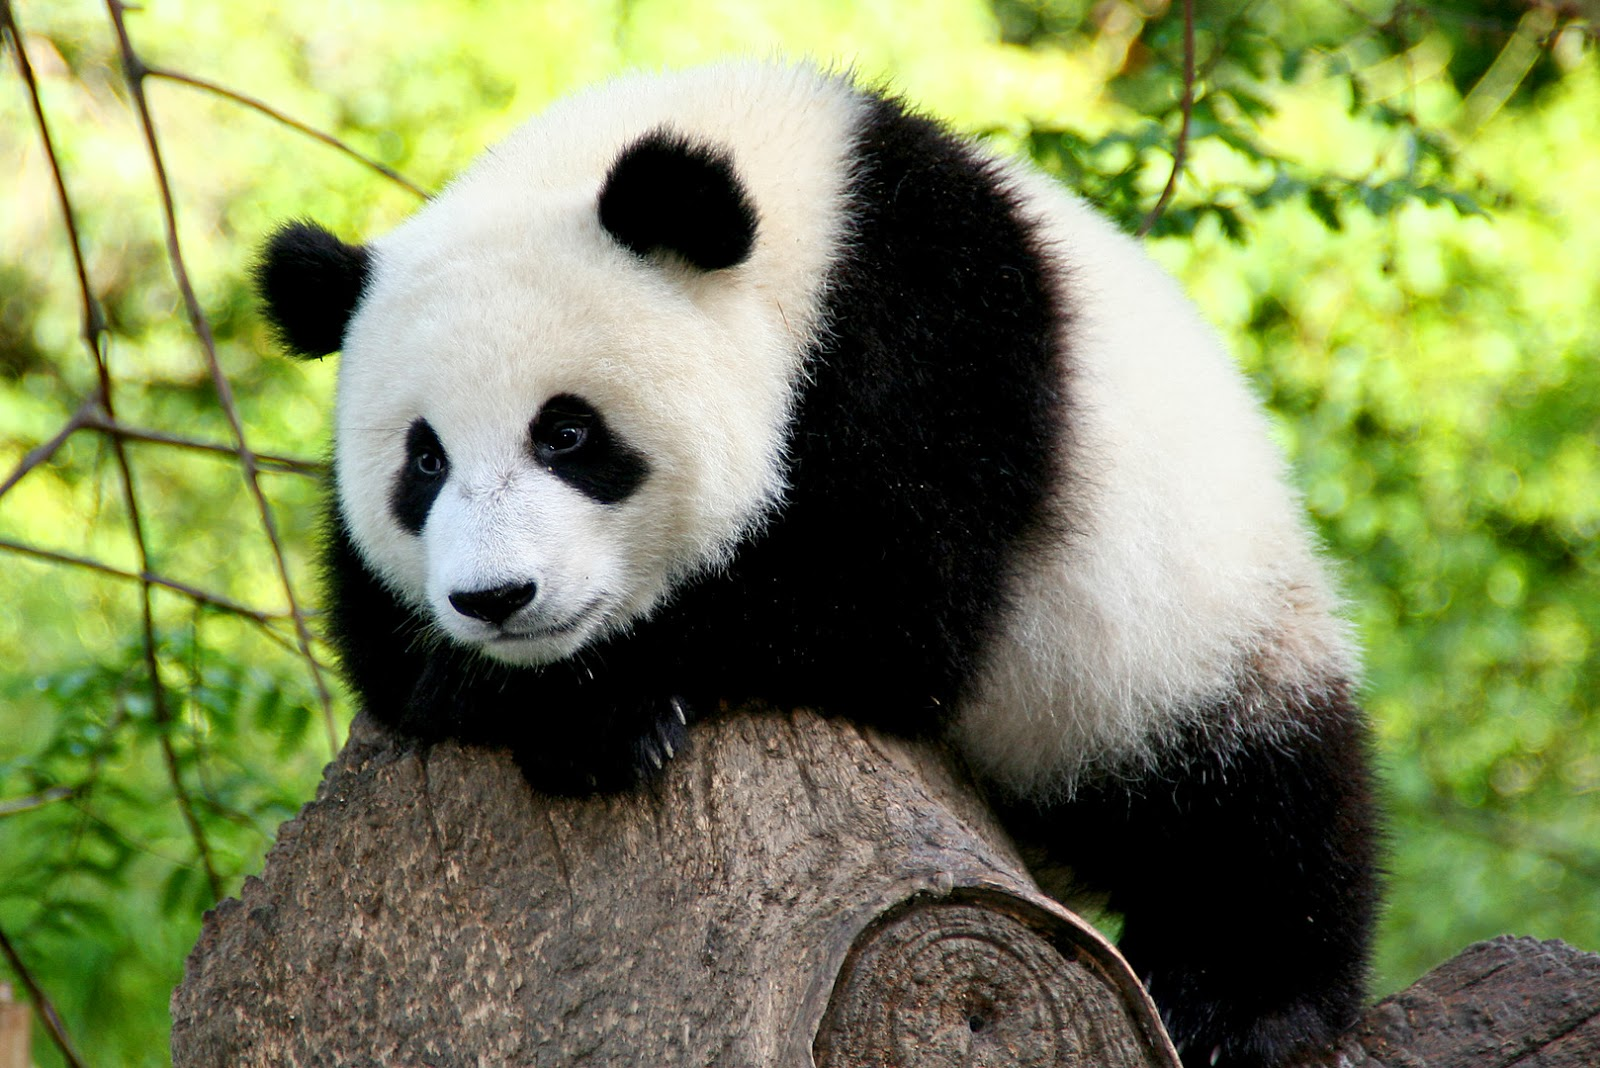 panda free